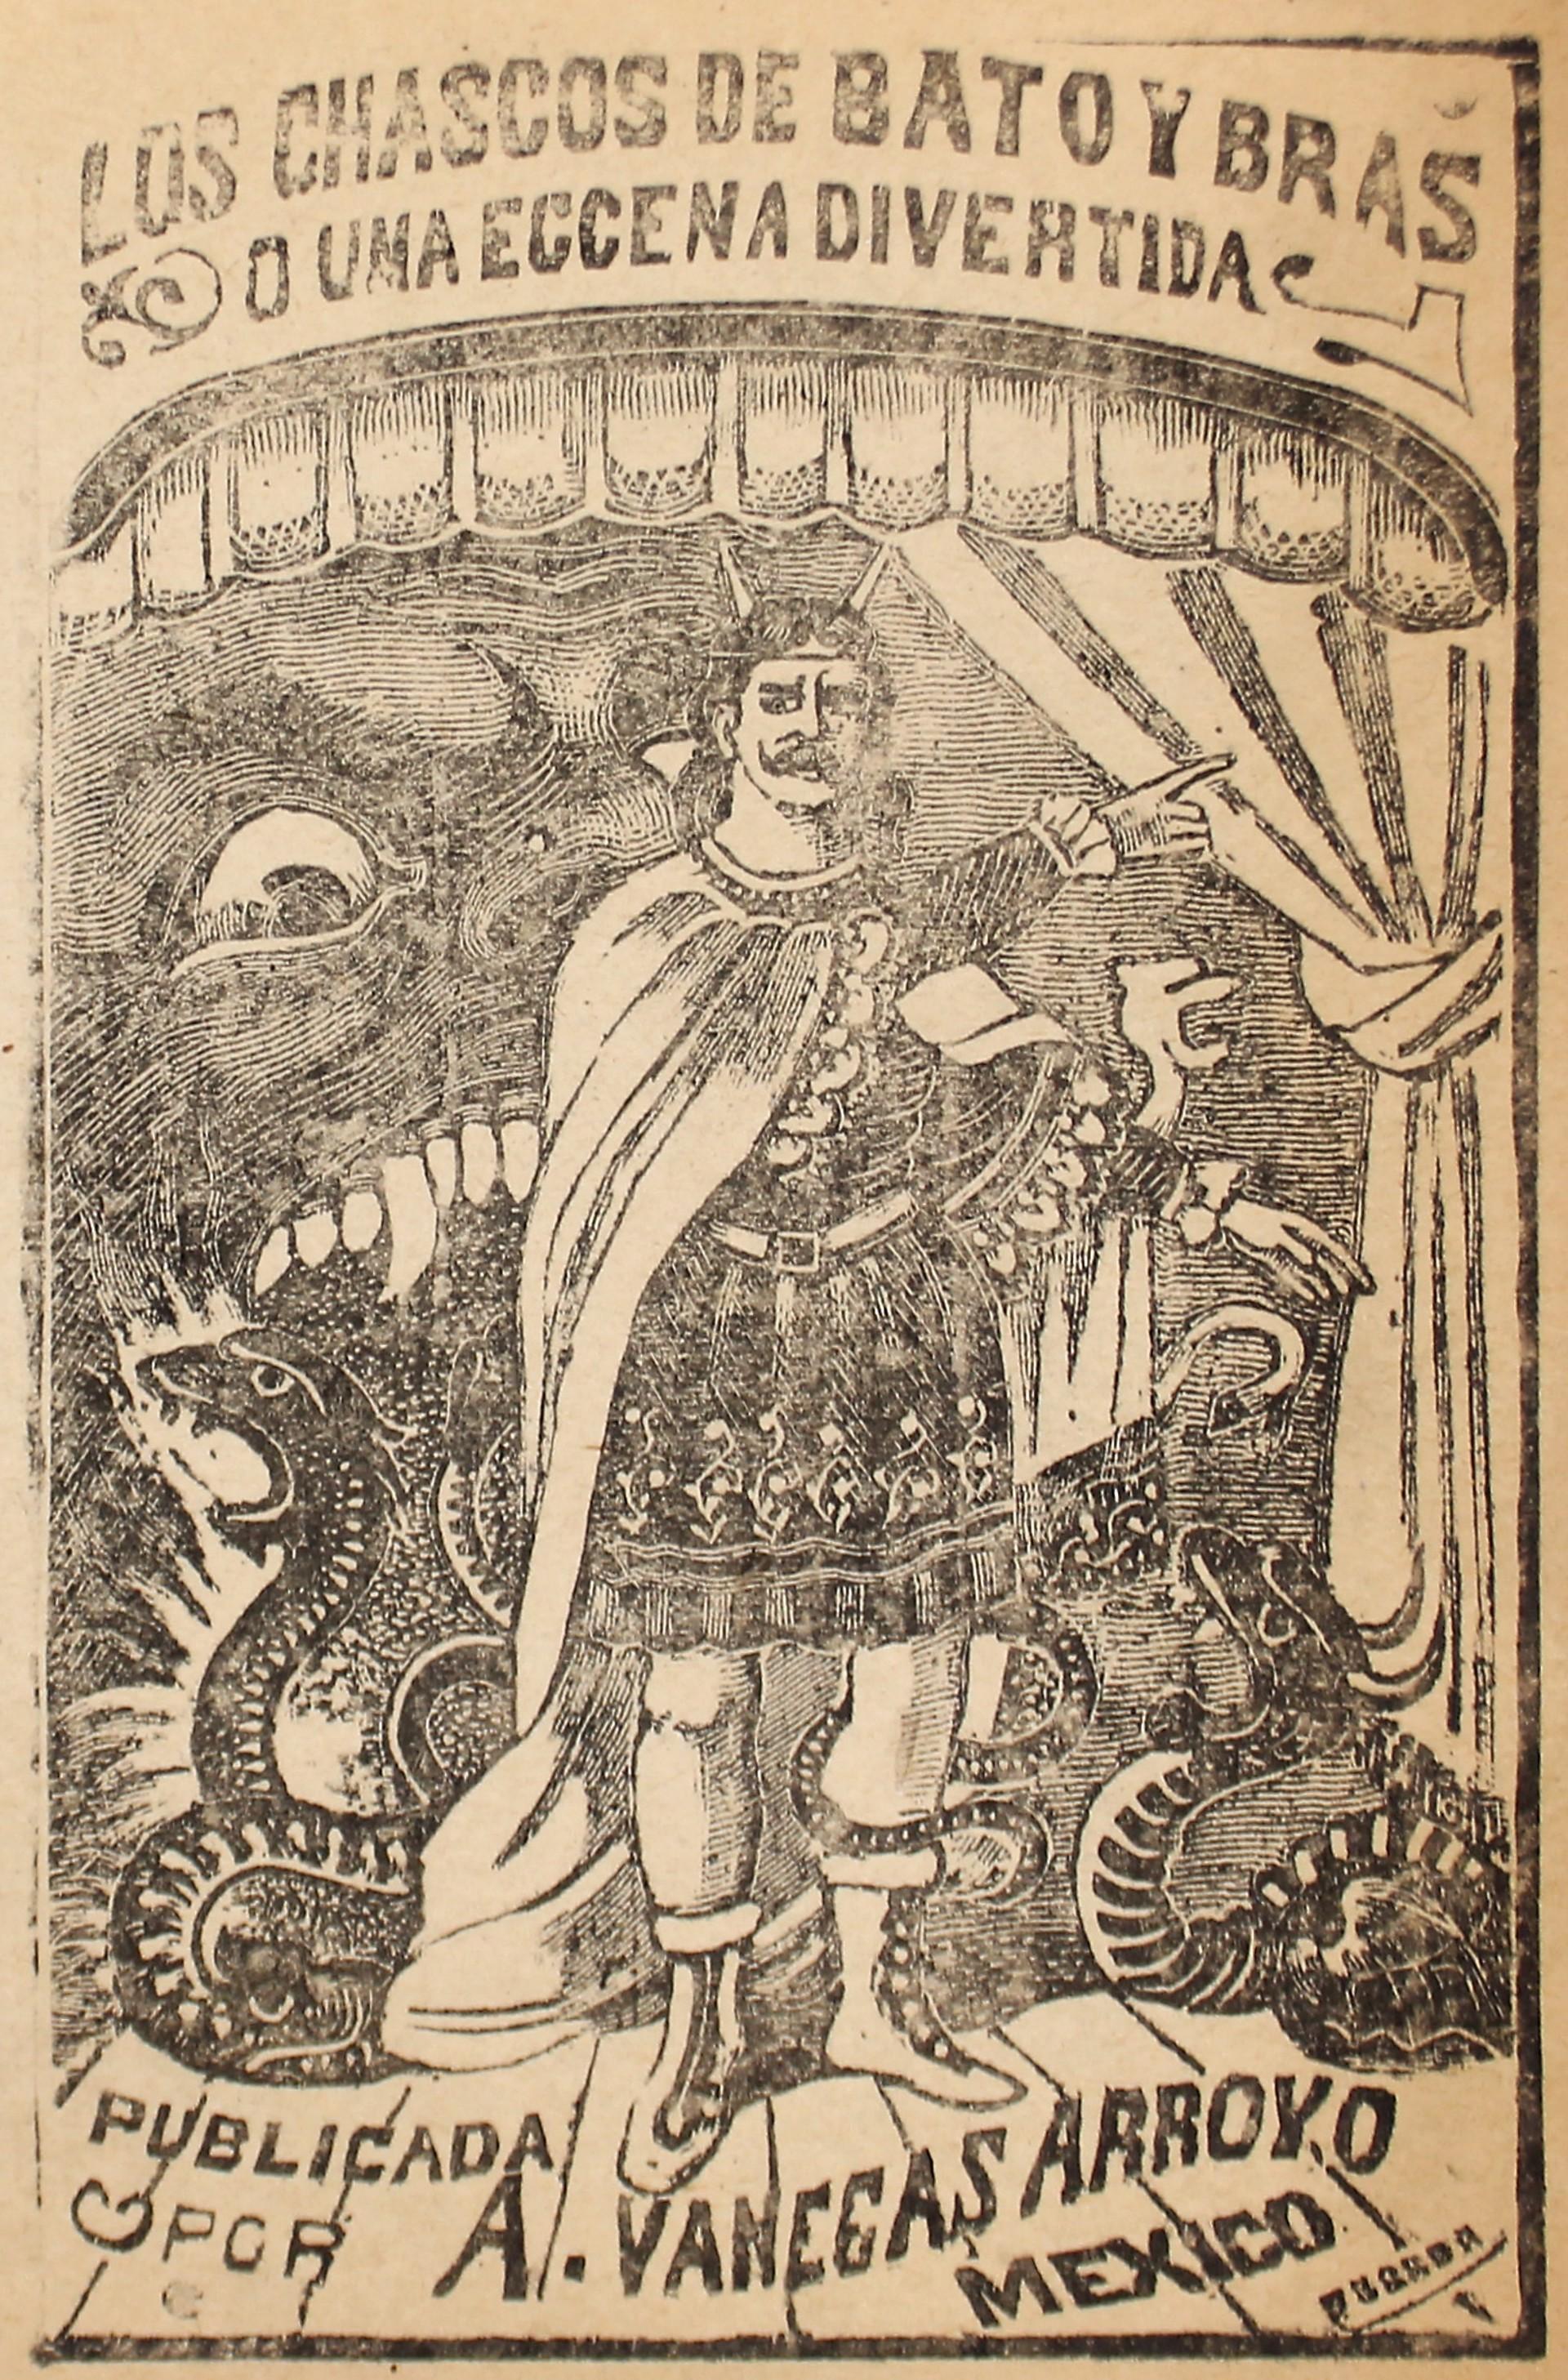 Los Chascos de Bato y Bras, o una escena divertida by José Guadalupe Posada (1852 - 1913)